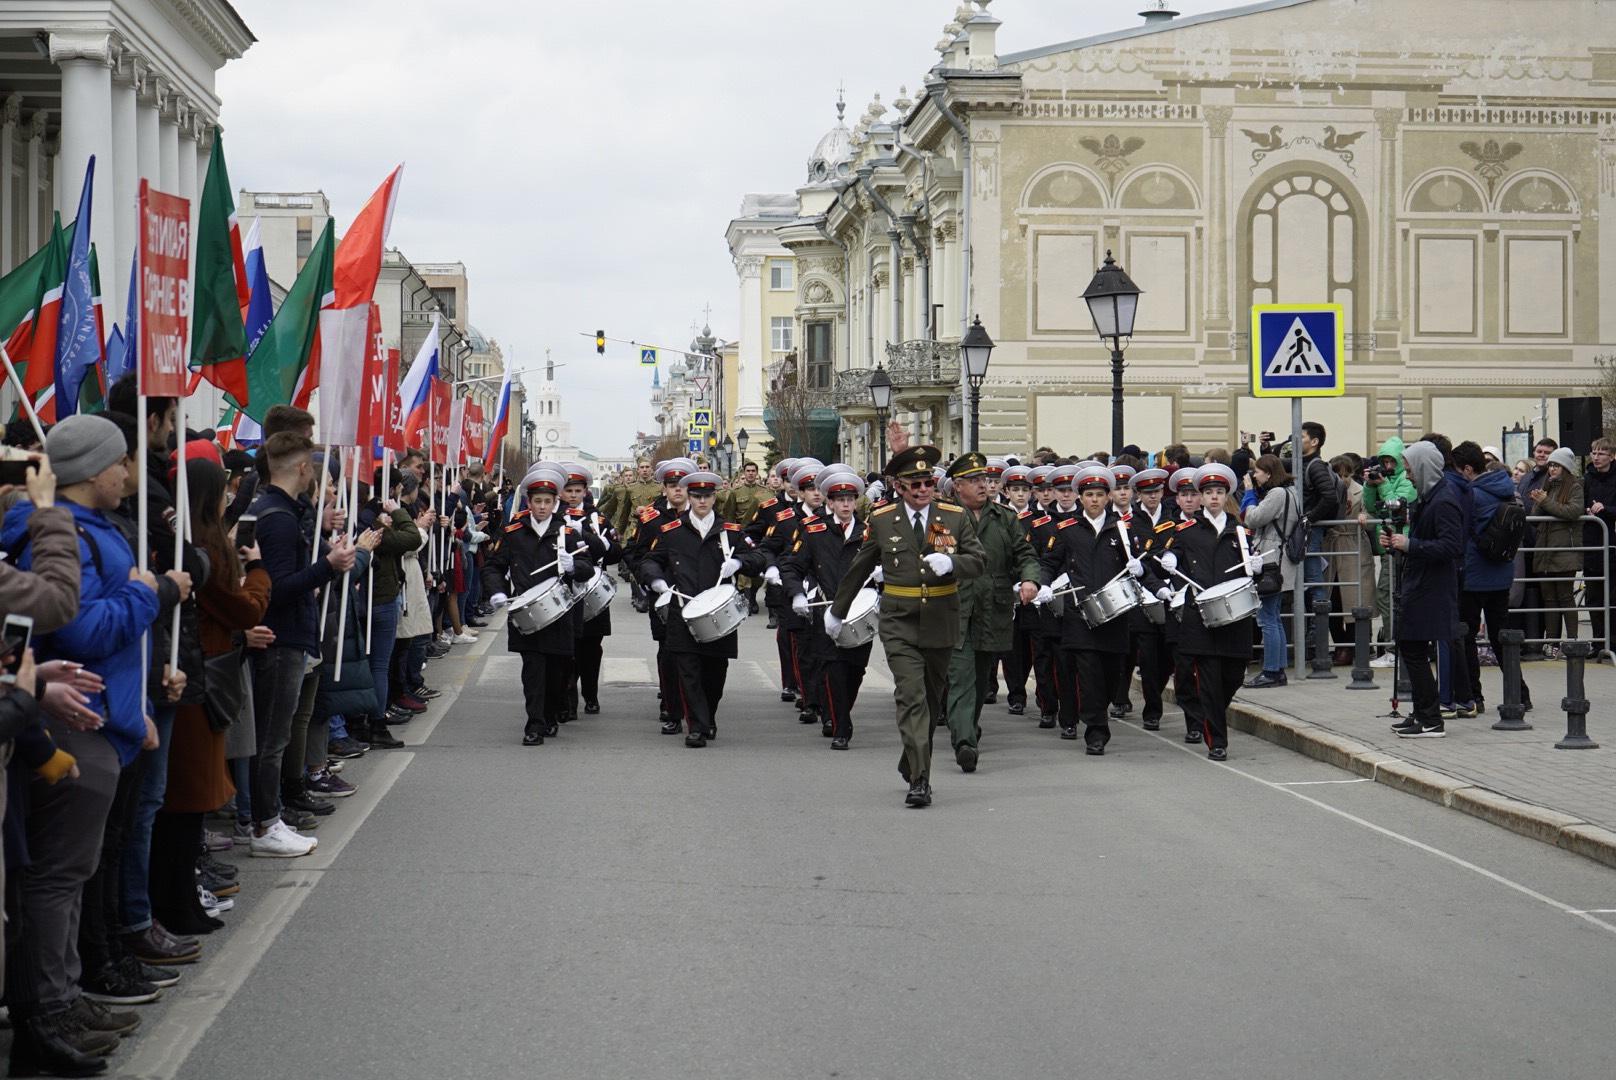 Что такое марш-бросок в армии: цели, задачи и нормативы